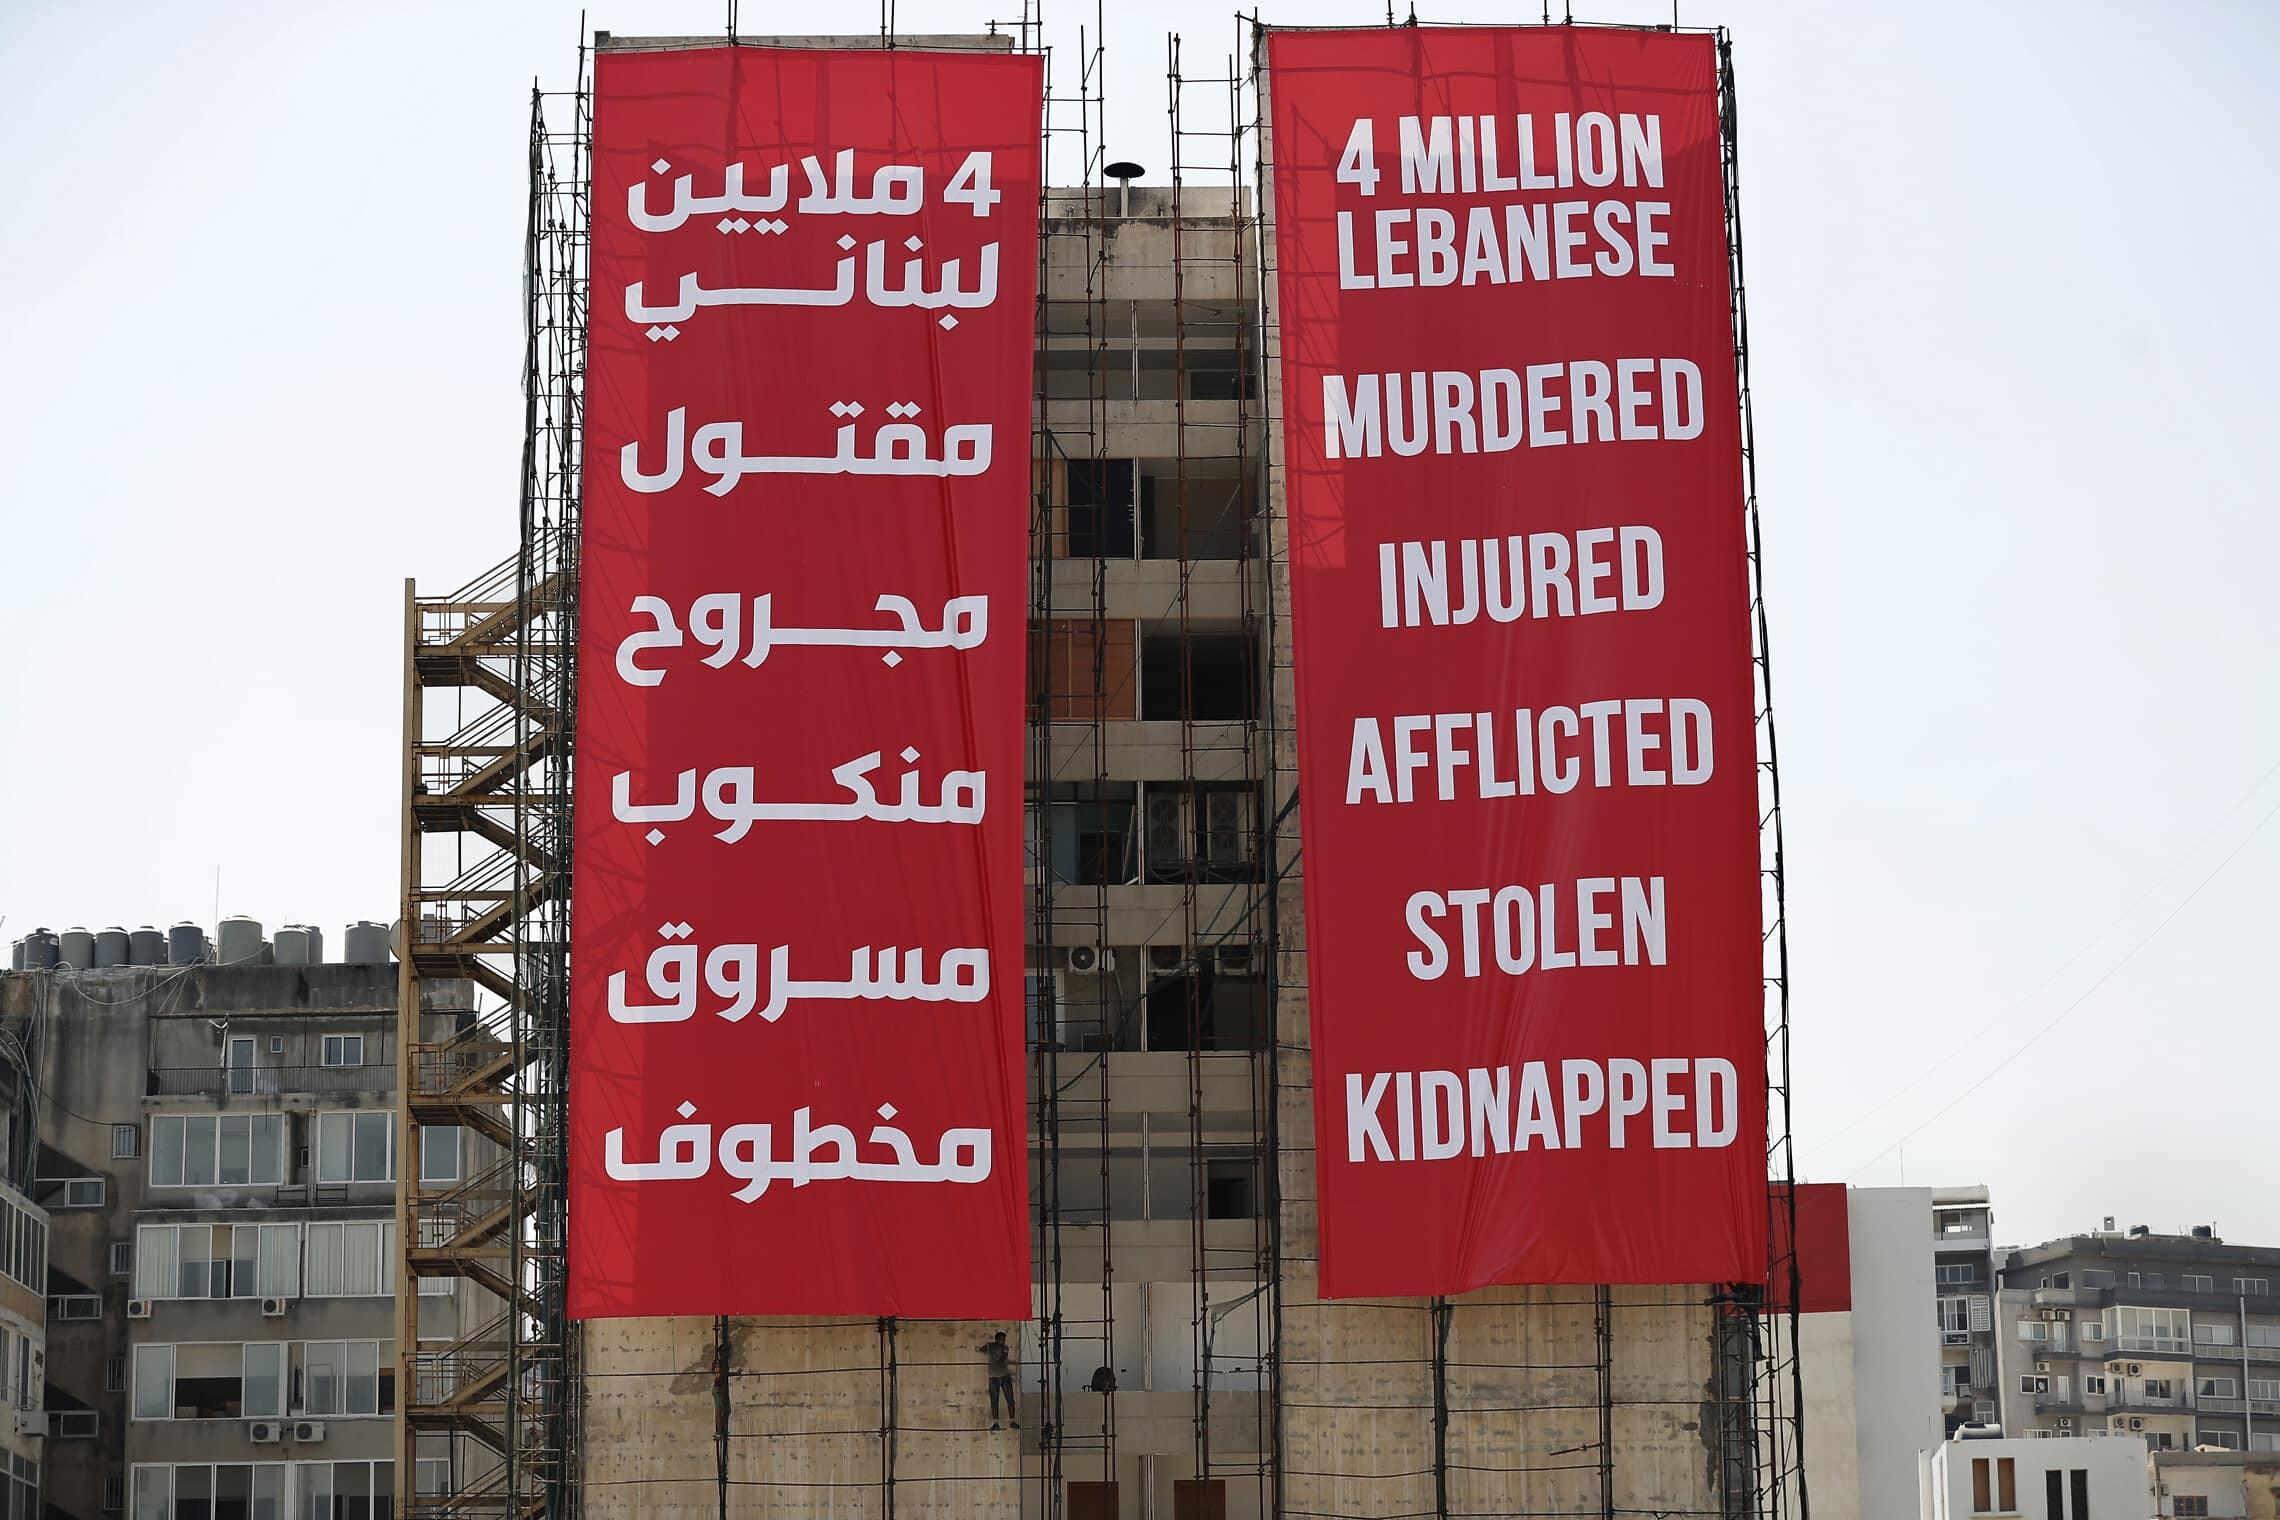 שנה אחרי האסון בנמל ביירות, שלט מחאה על בניין שטרם שופץ, 4 באוגוסט 2021 (צילום: AP Photo/Hussein Malla)